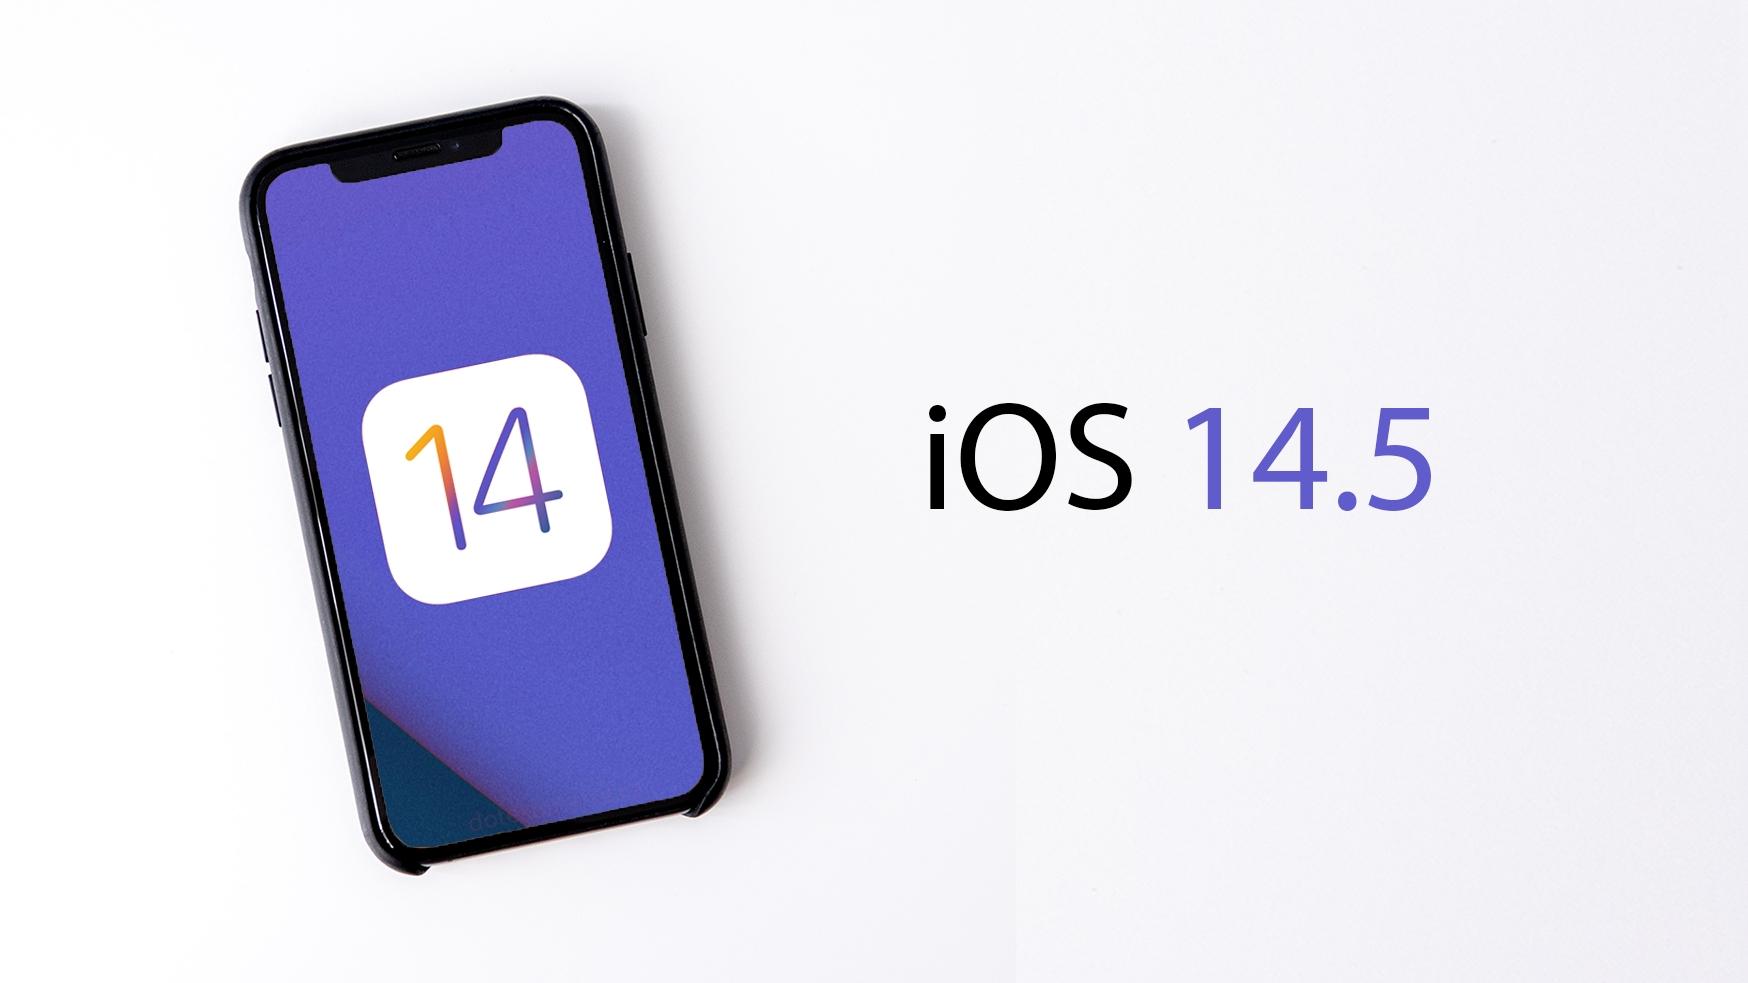 První betaverze iOS 14.5 přináší podporu dual SIM 5G, PS5 ovladačů a další novinky